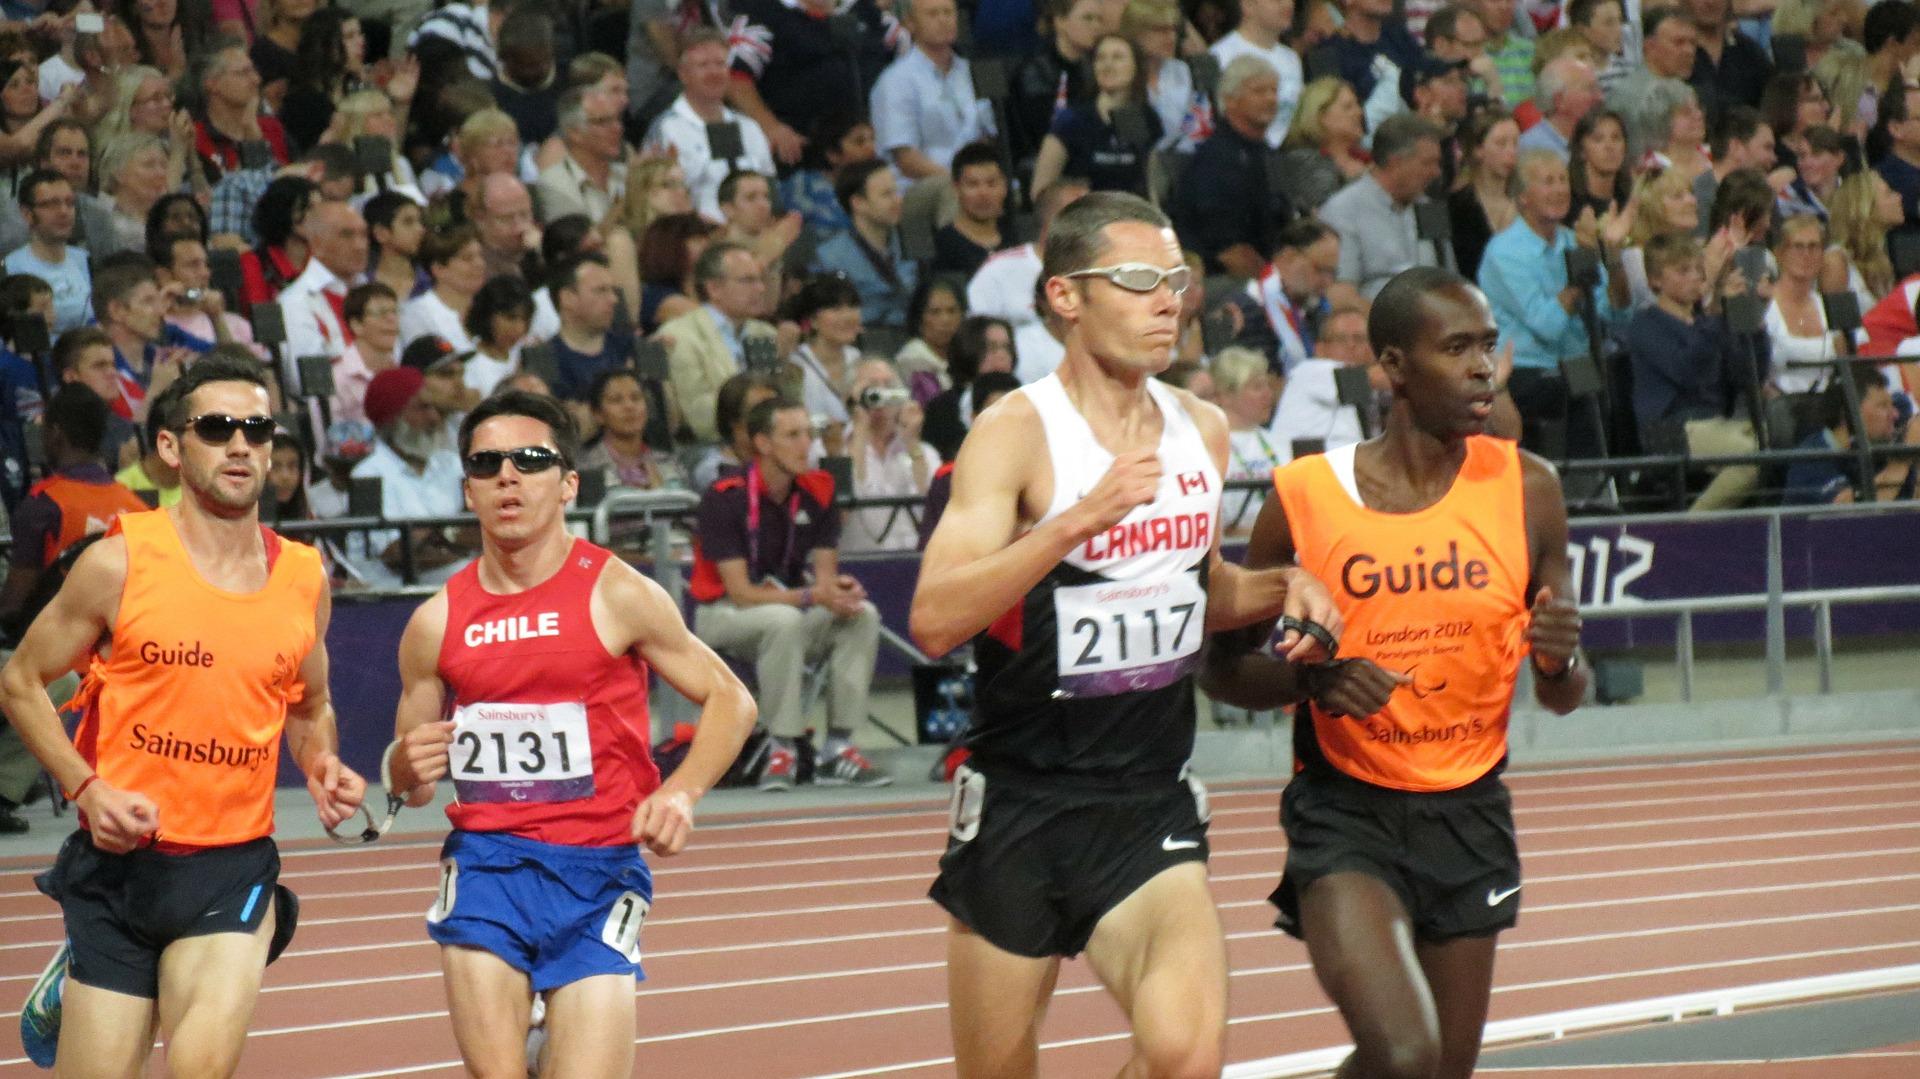 runners-227182_1920